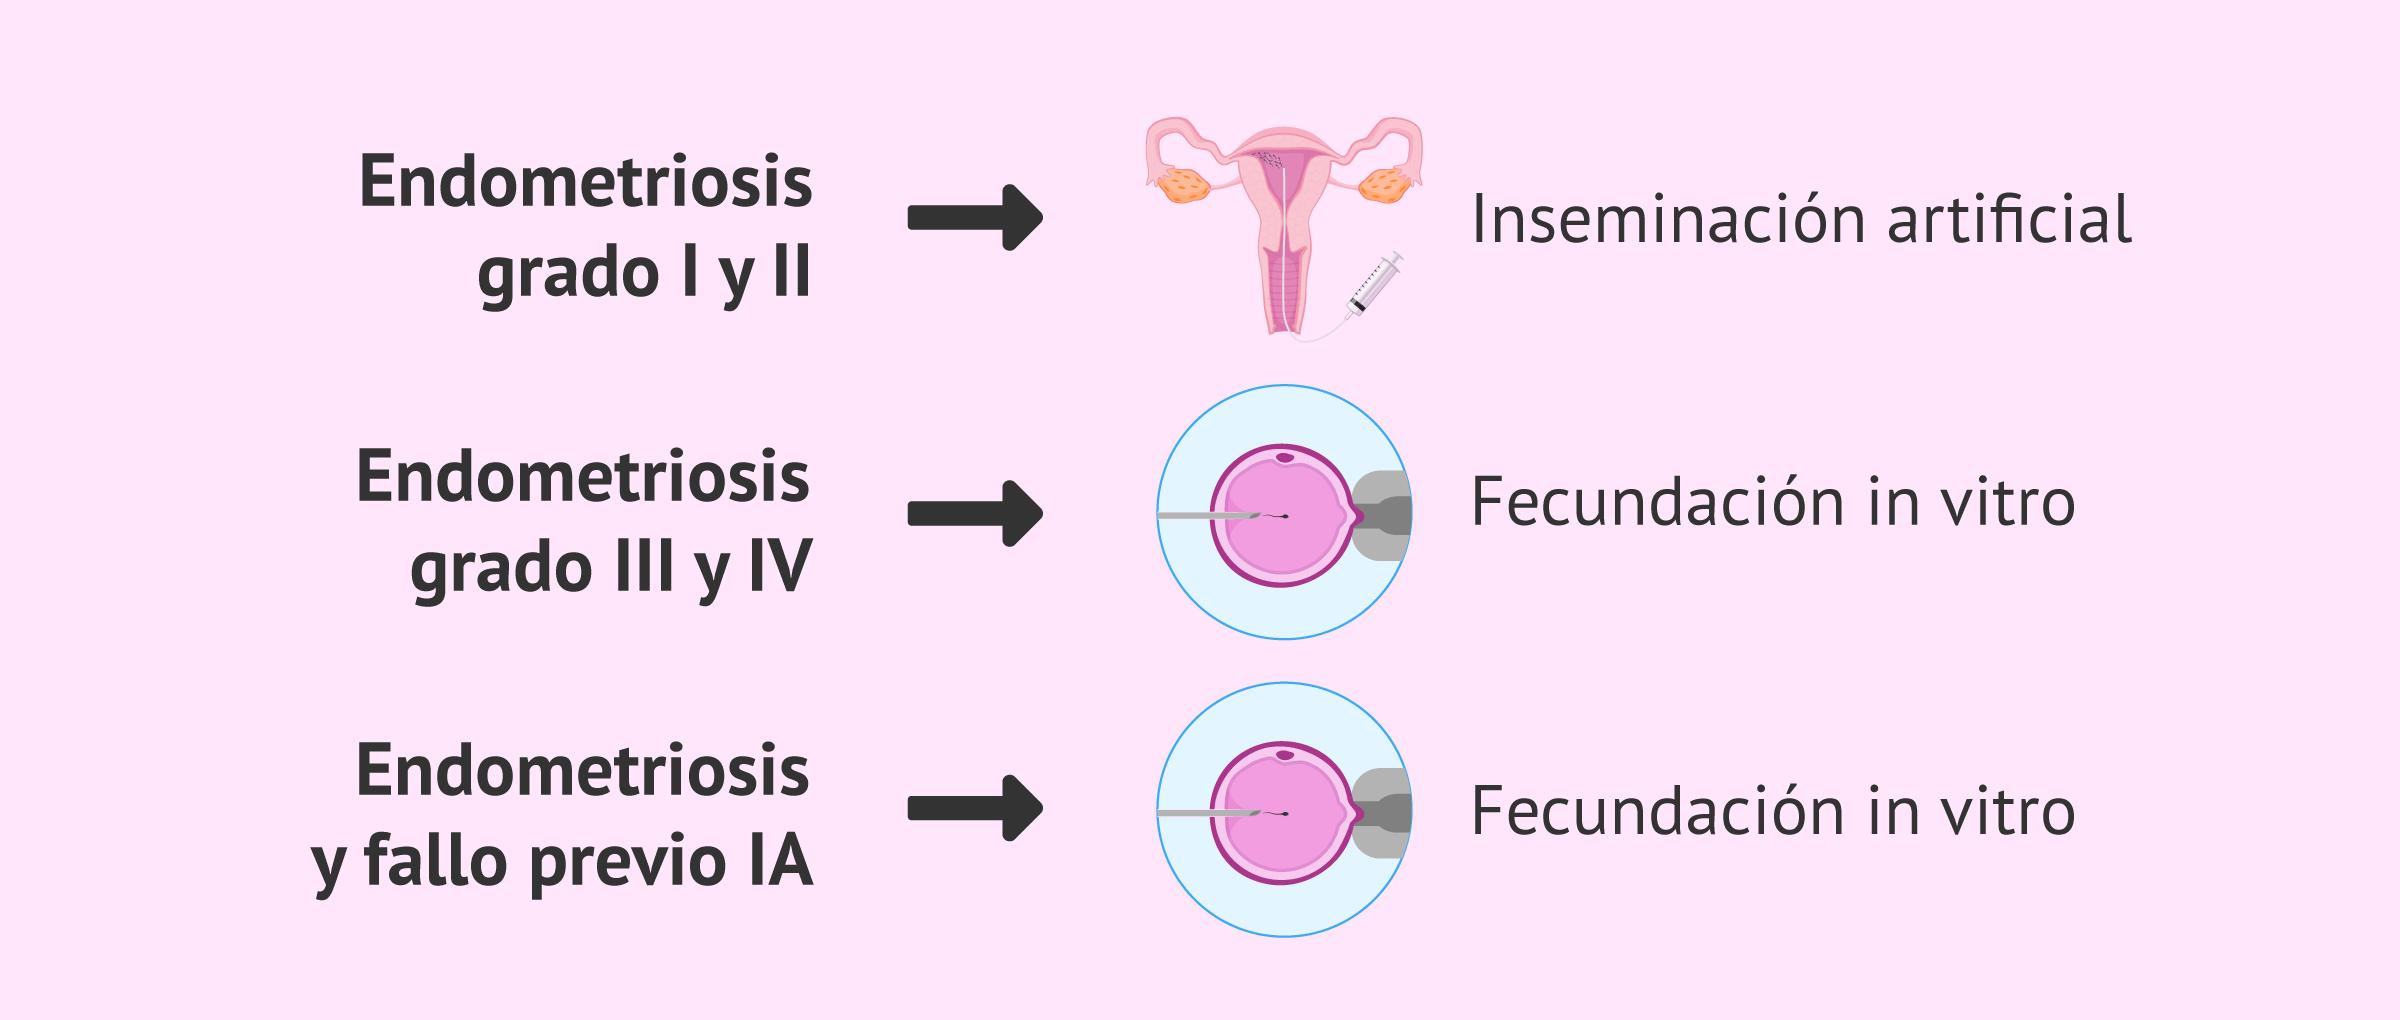 Endometriosis y tratamientos de fertilidad